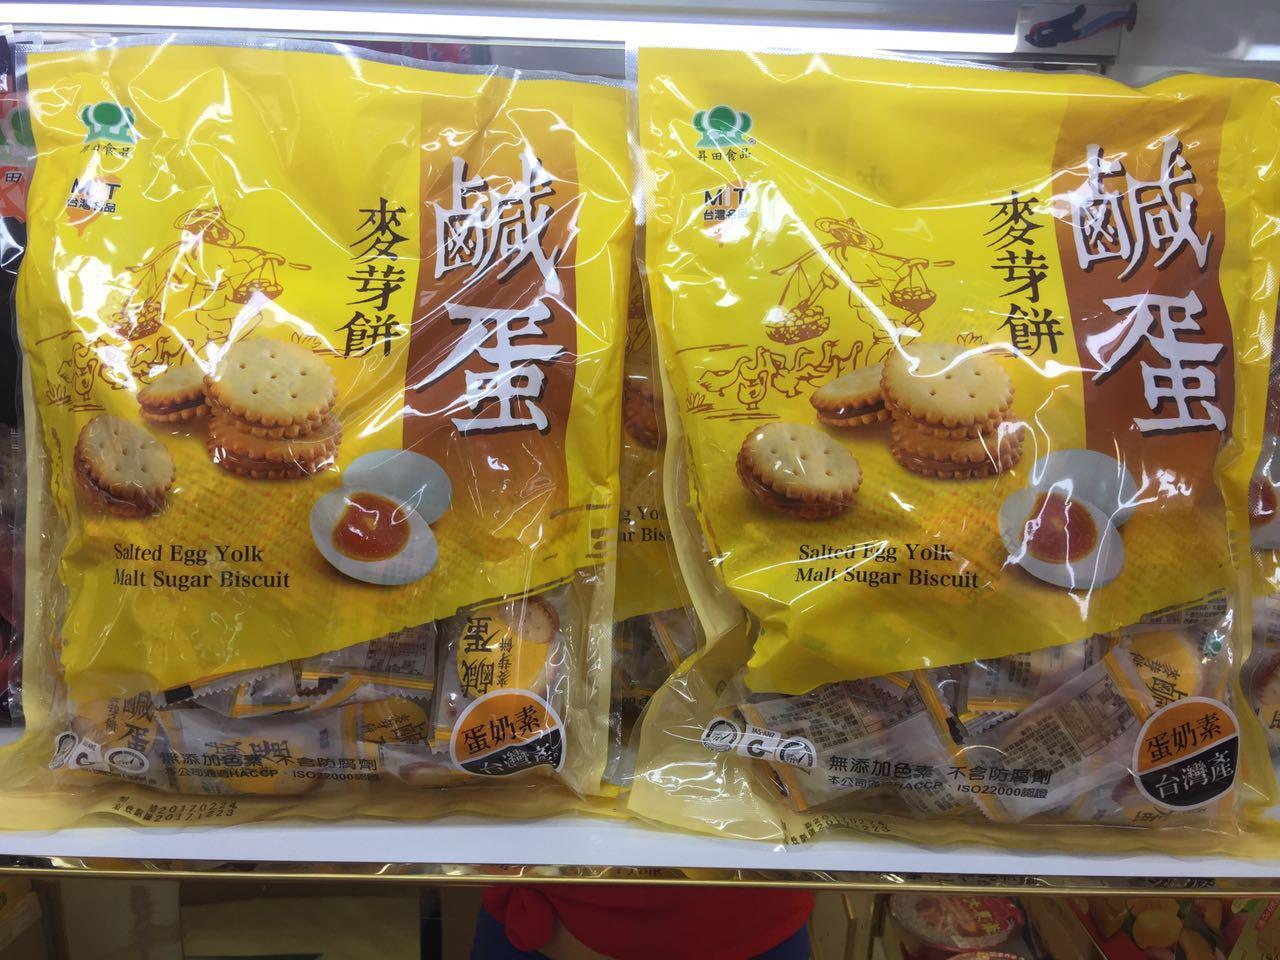 现货台湾进口特色黑糖饼干�N田升田咸蛋黄麦芽饼夹心饼干500g*2袋